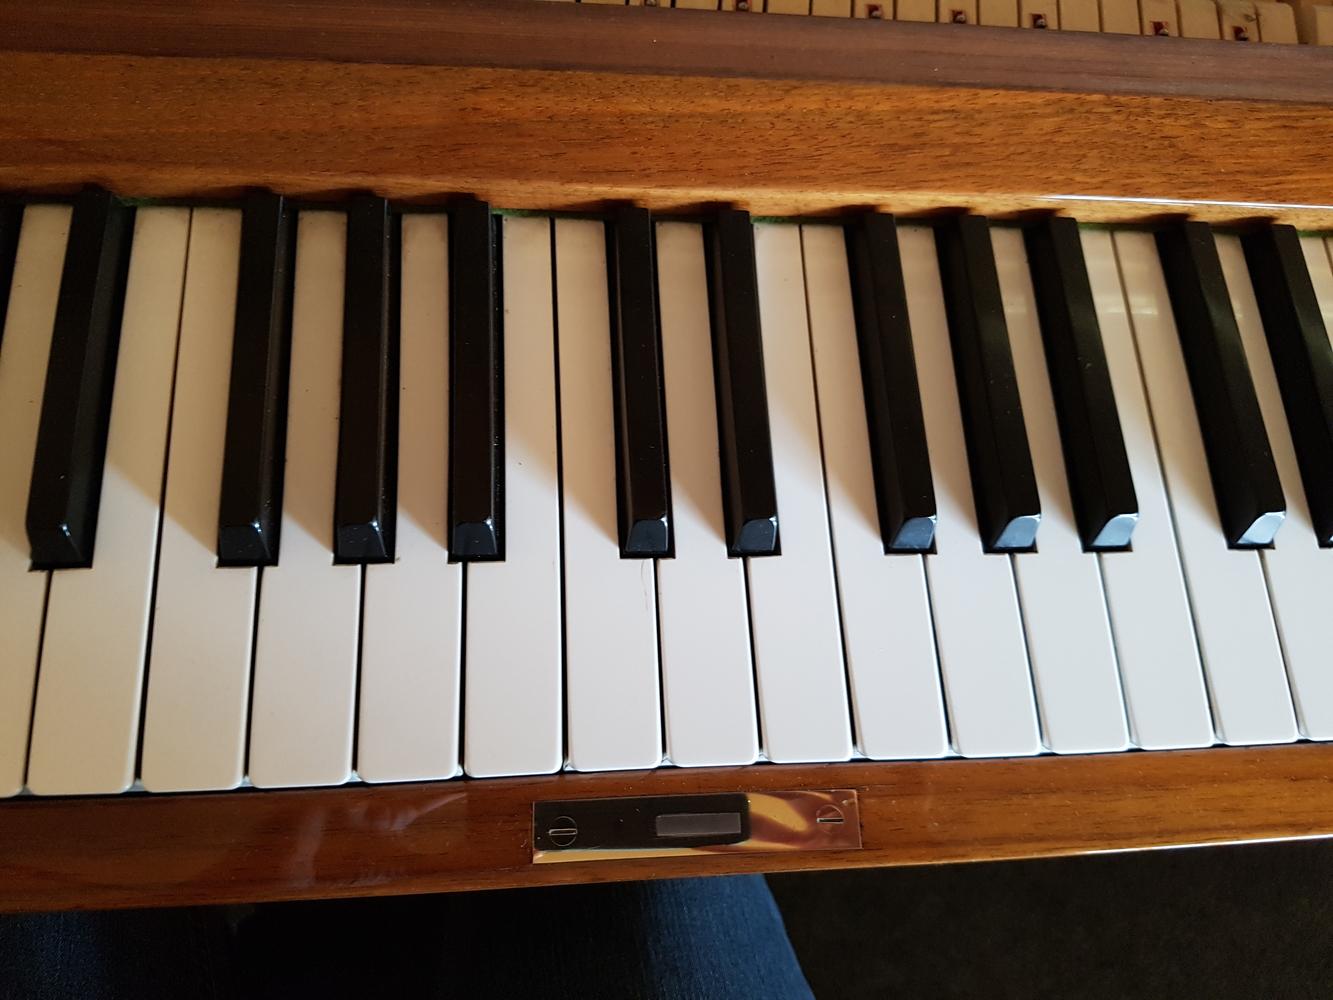 C.Bechstein, Mod. 115 Klavier